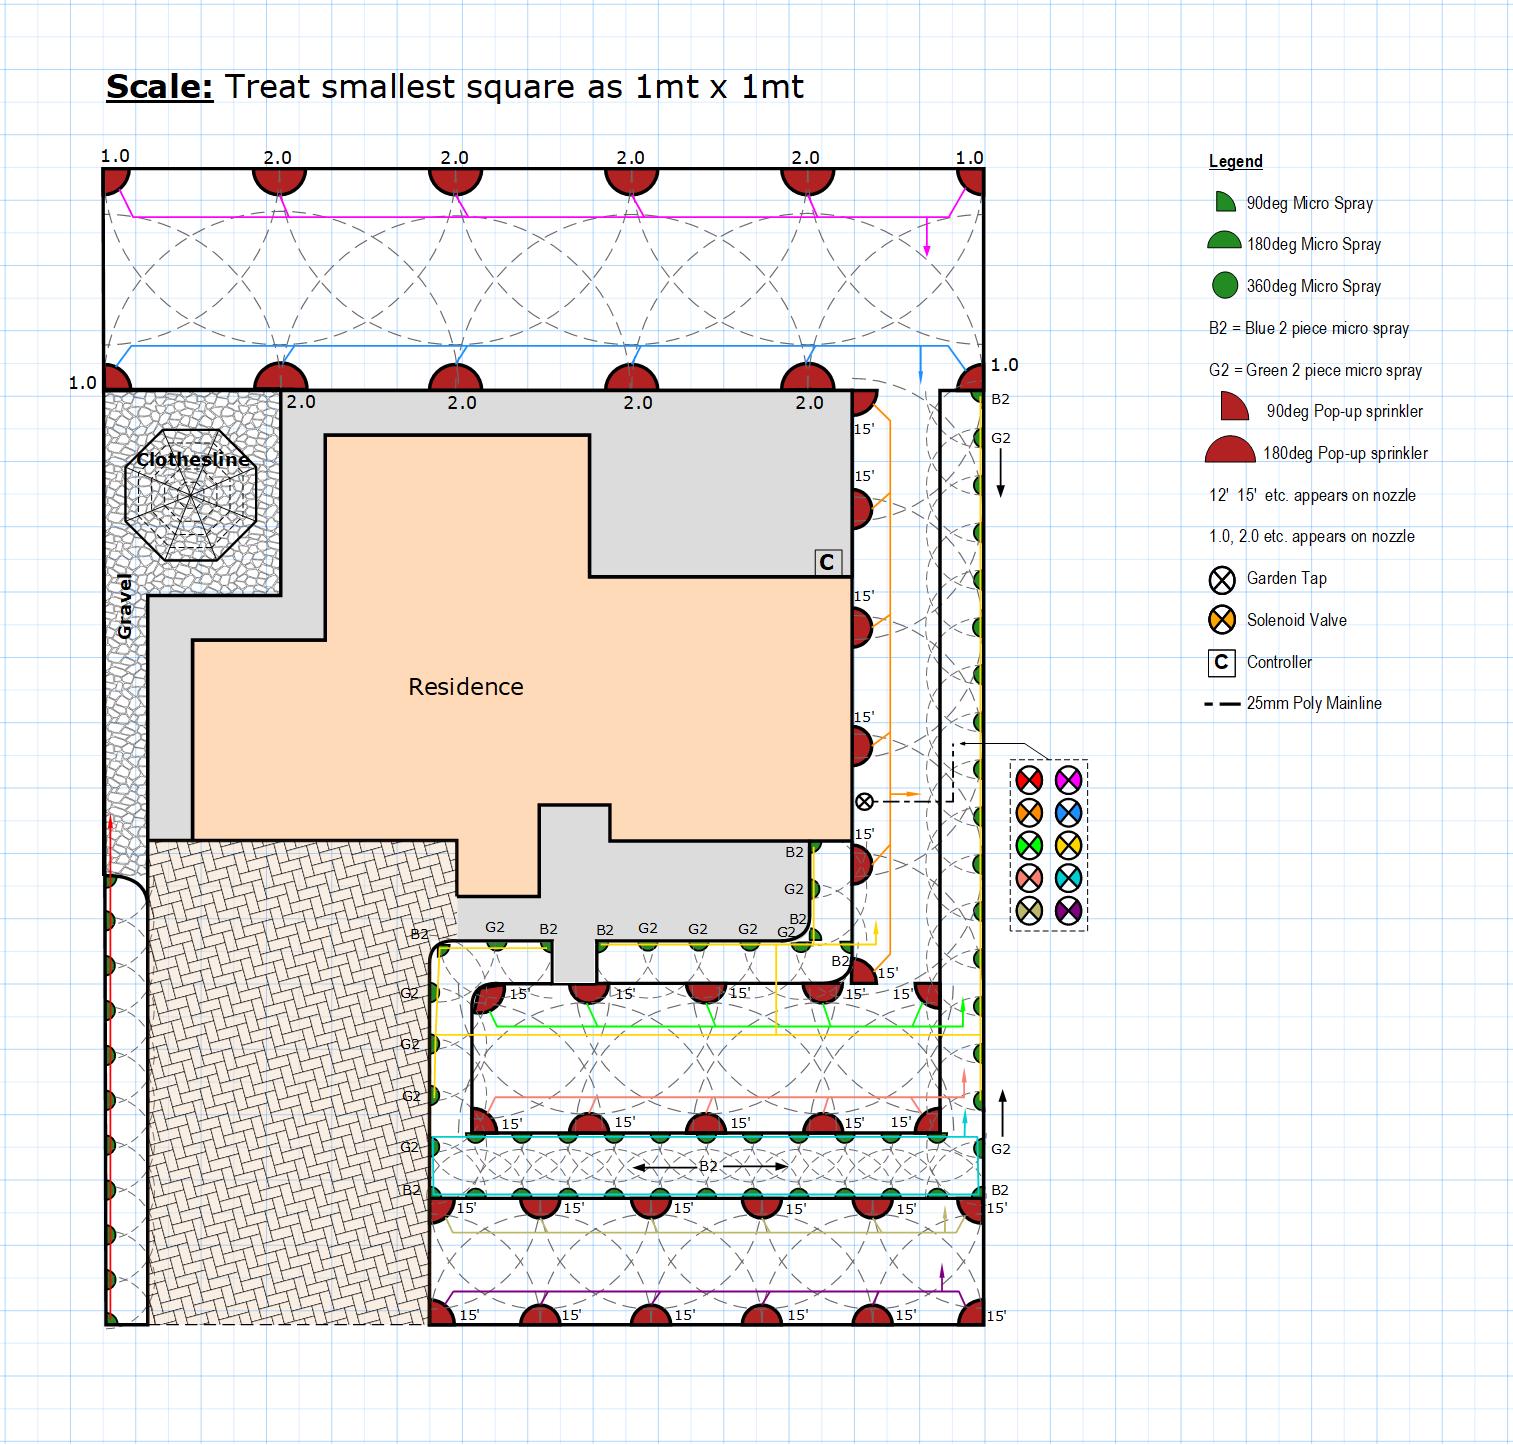 Fire sprinkler system design tool